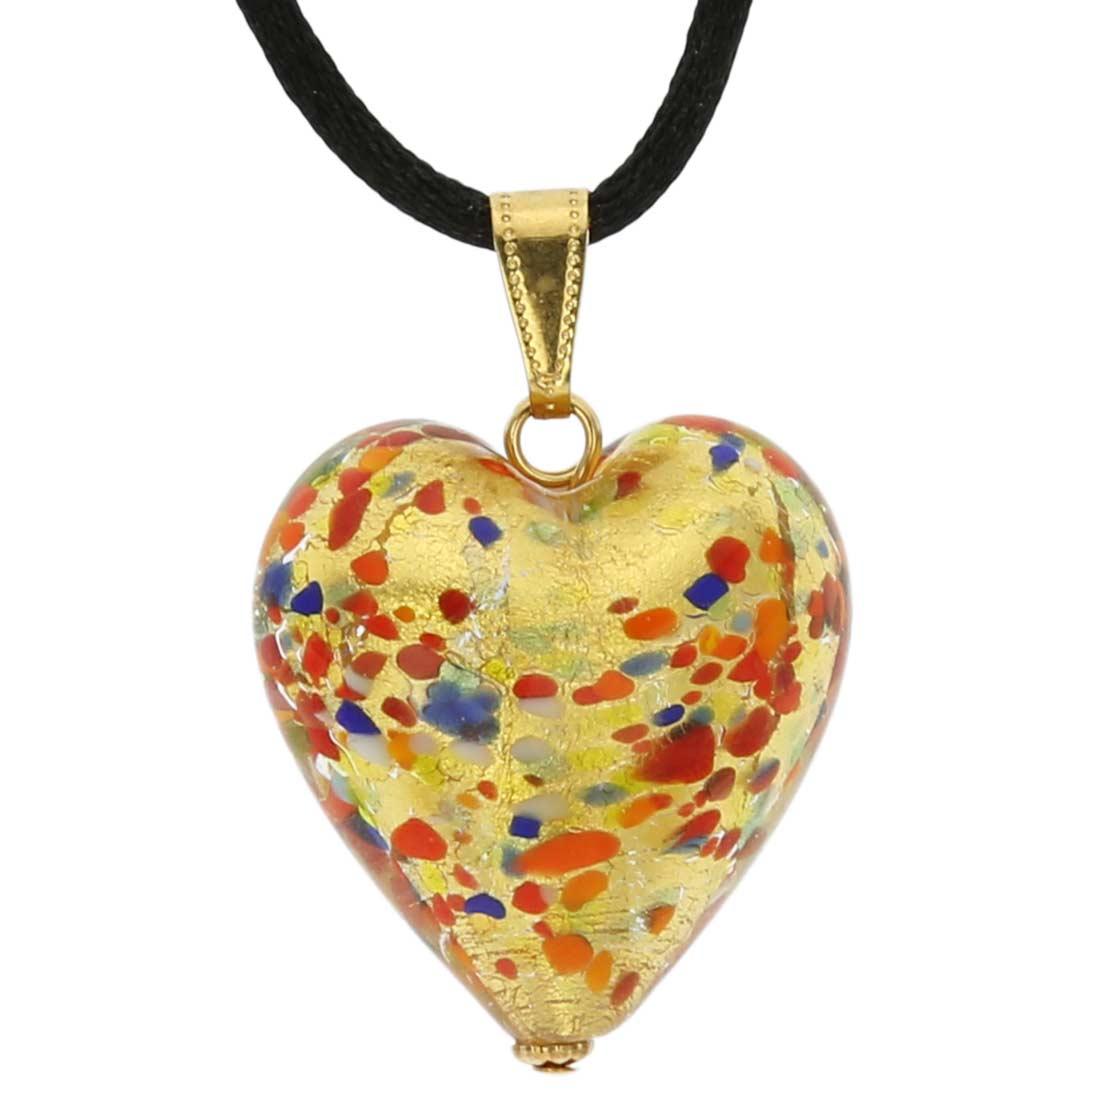 Murano Heart Pendant - Multicolor Confetti